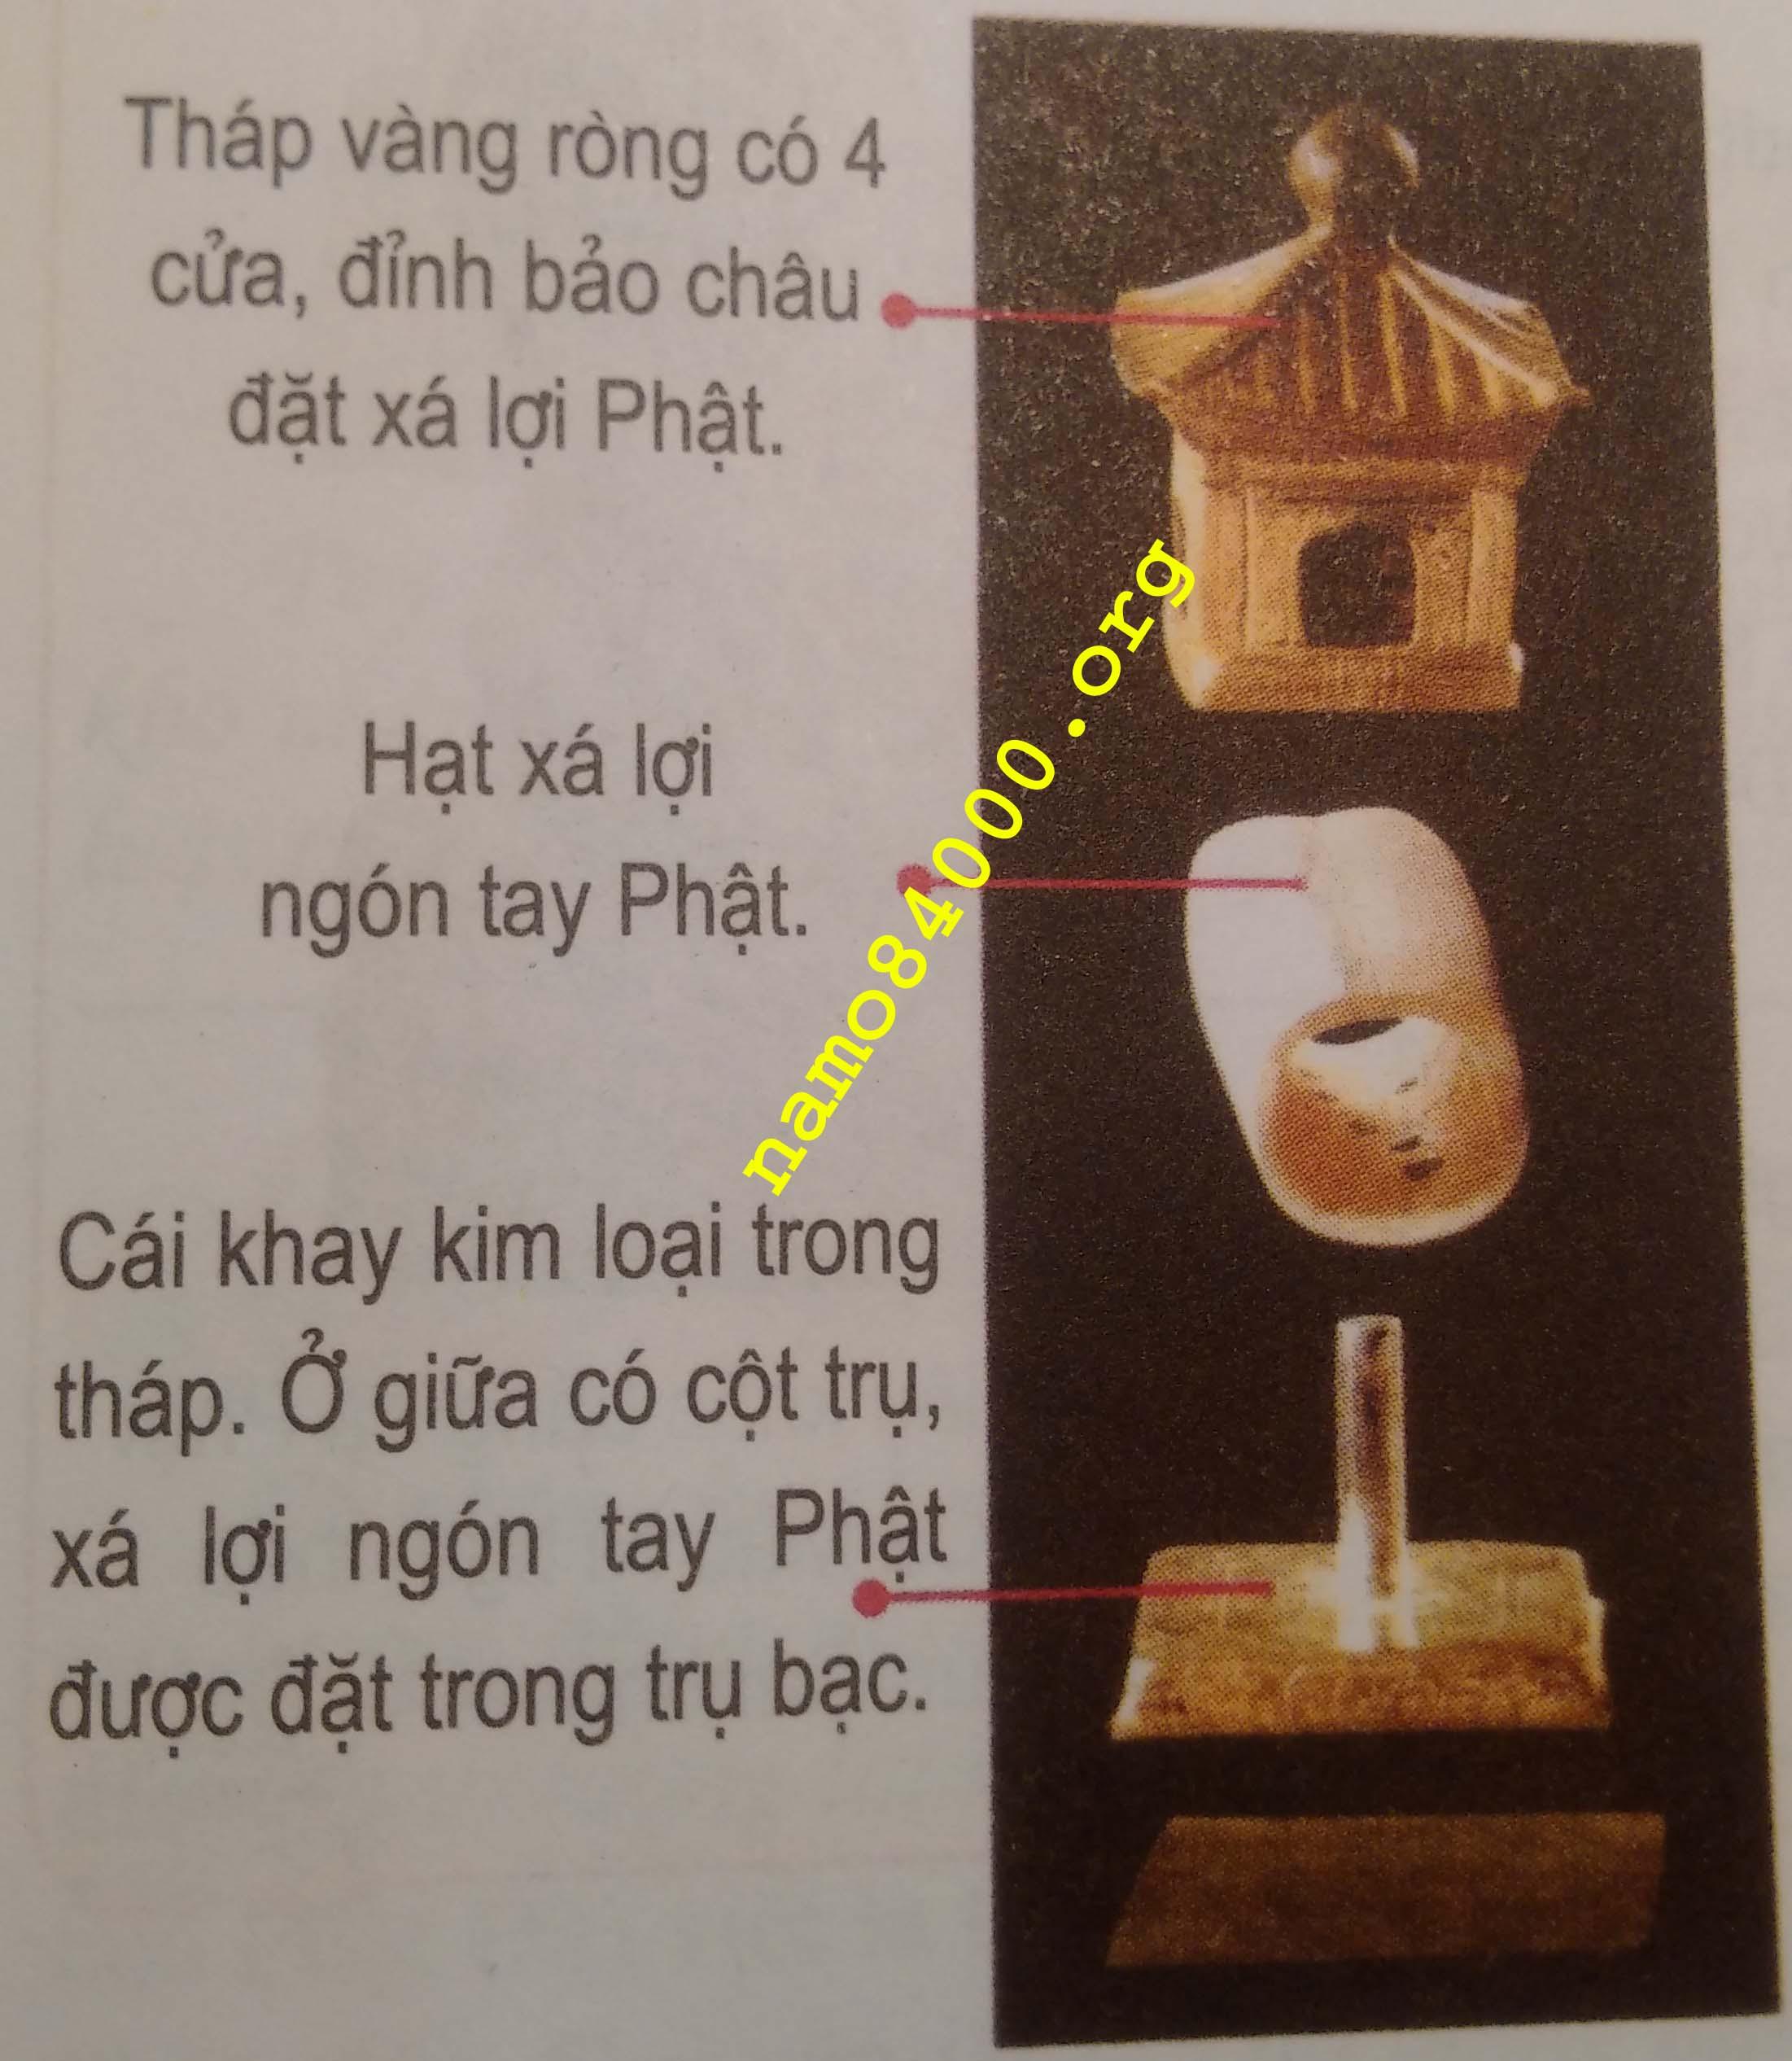 Hạt xá lợi ngón tay Phật đầu tiên tại chùa Pháp Môn của tỉnh Thiểm Tây - ảnh chụp từ Phật học vấn đáp - Thích Điền Tâm